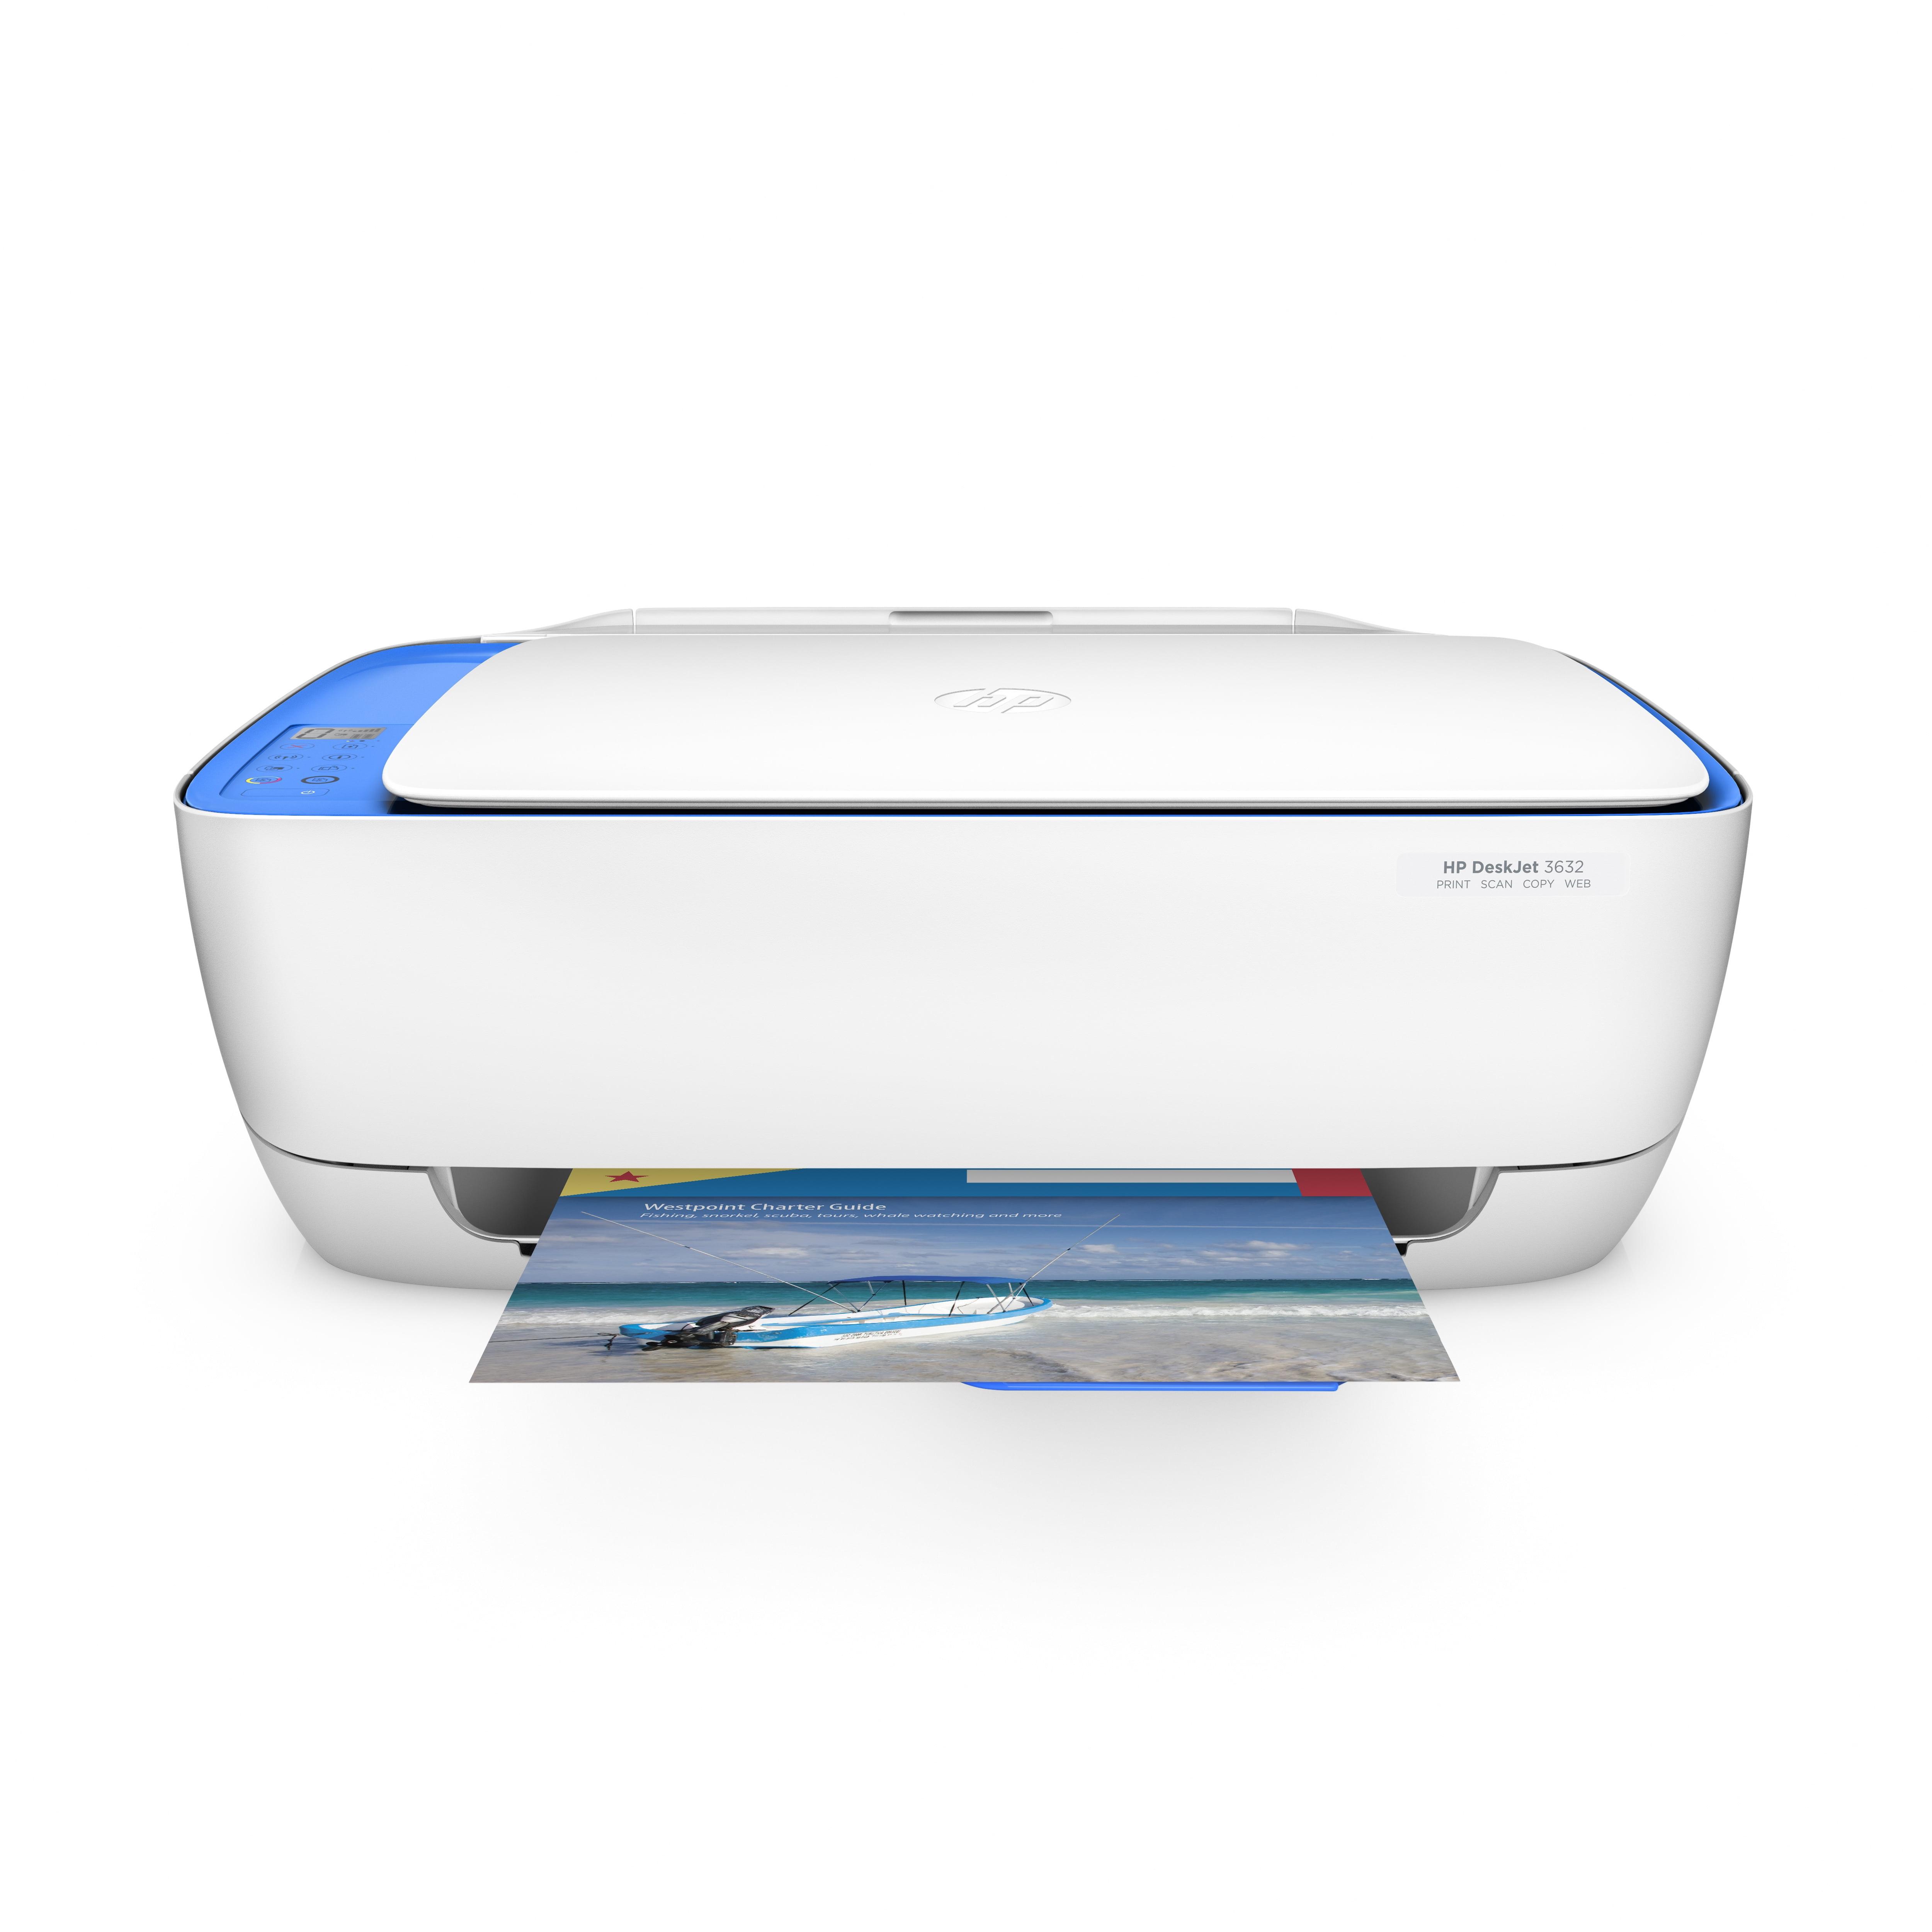 HP DeskJet 3632 All-in-One Wireless Printer/Copier/Scanner (F5S47A)